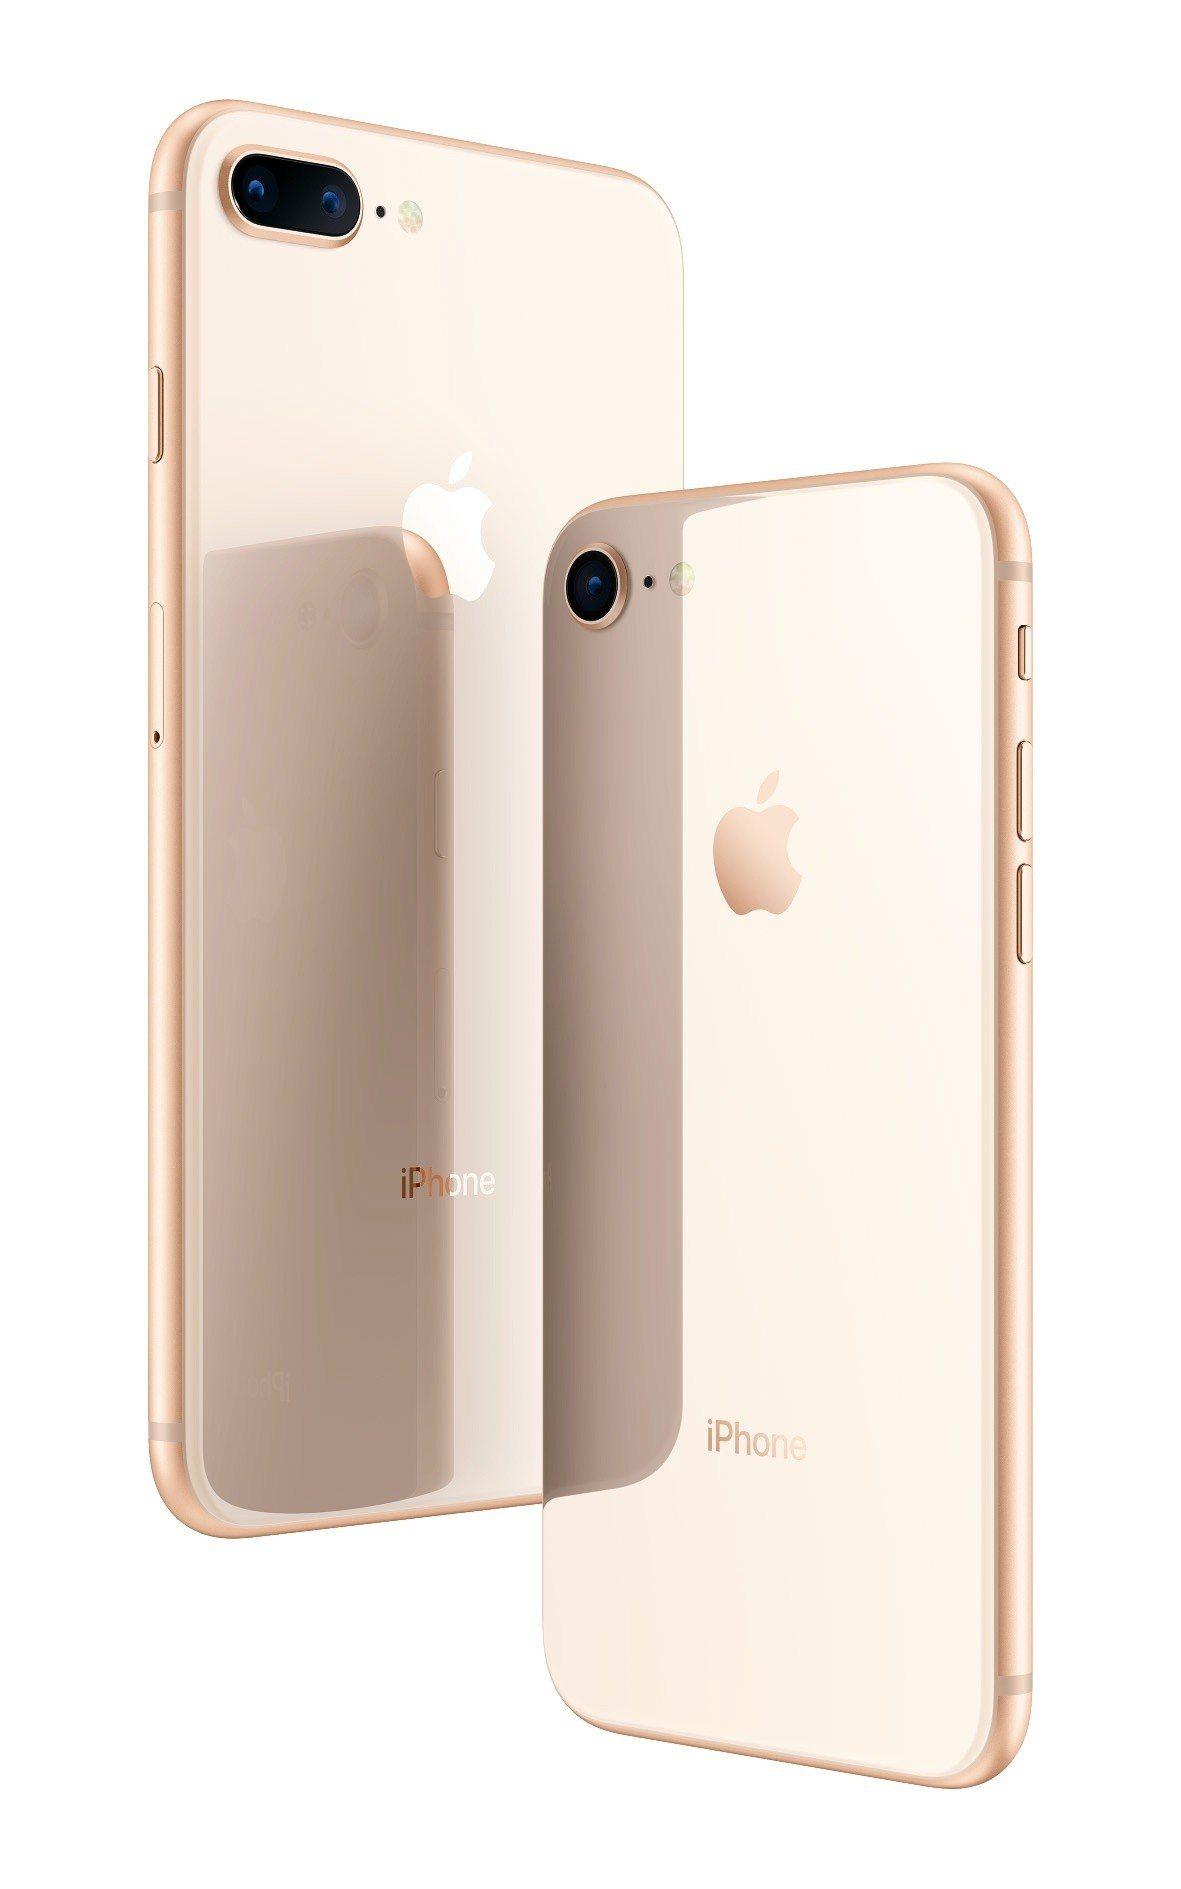 燦坤即日起至8月9日祭出蘋果商品父親節限時優惠,iPhone 8、iPhone ...